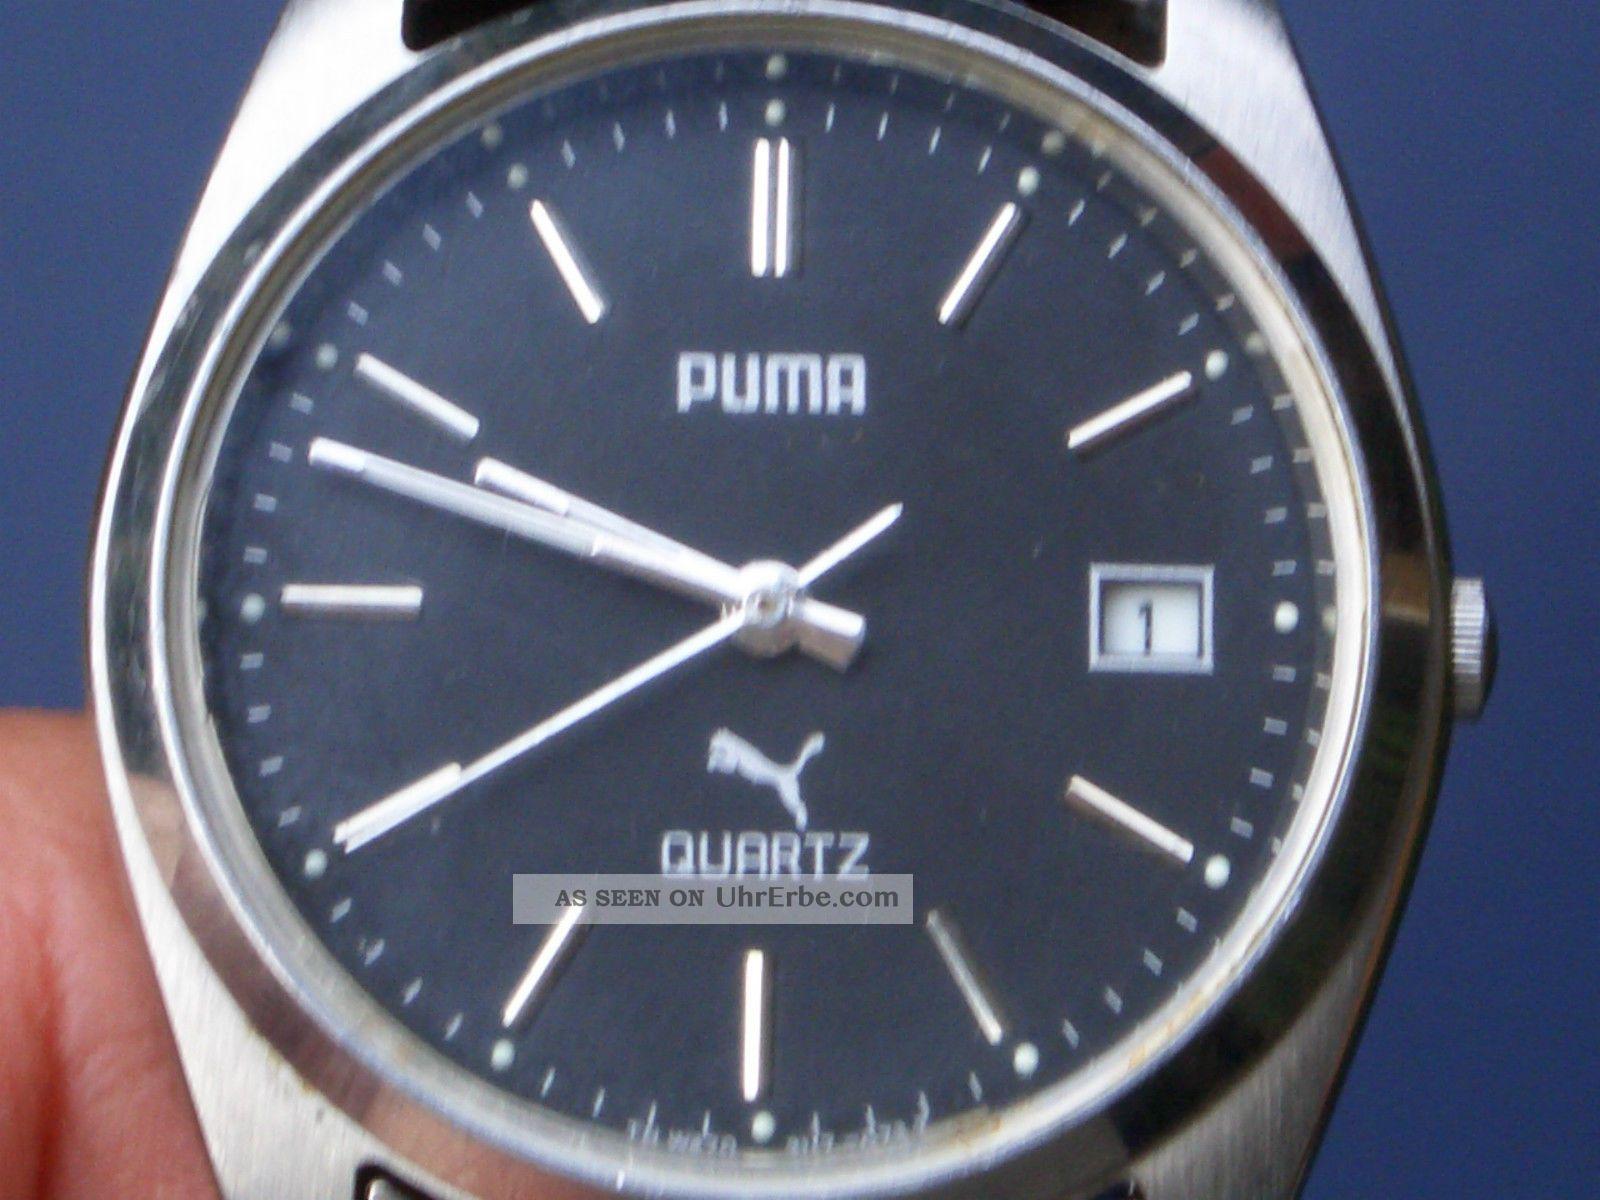 Seltene Puma Herren Armbanduhr Gut Erhalten Läuft Gut.